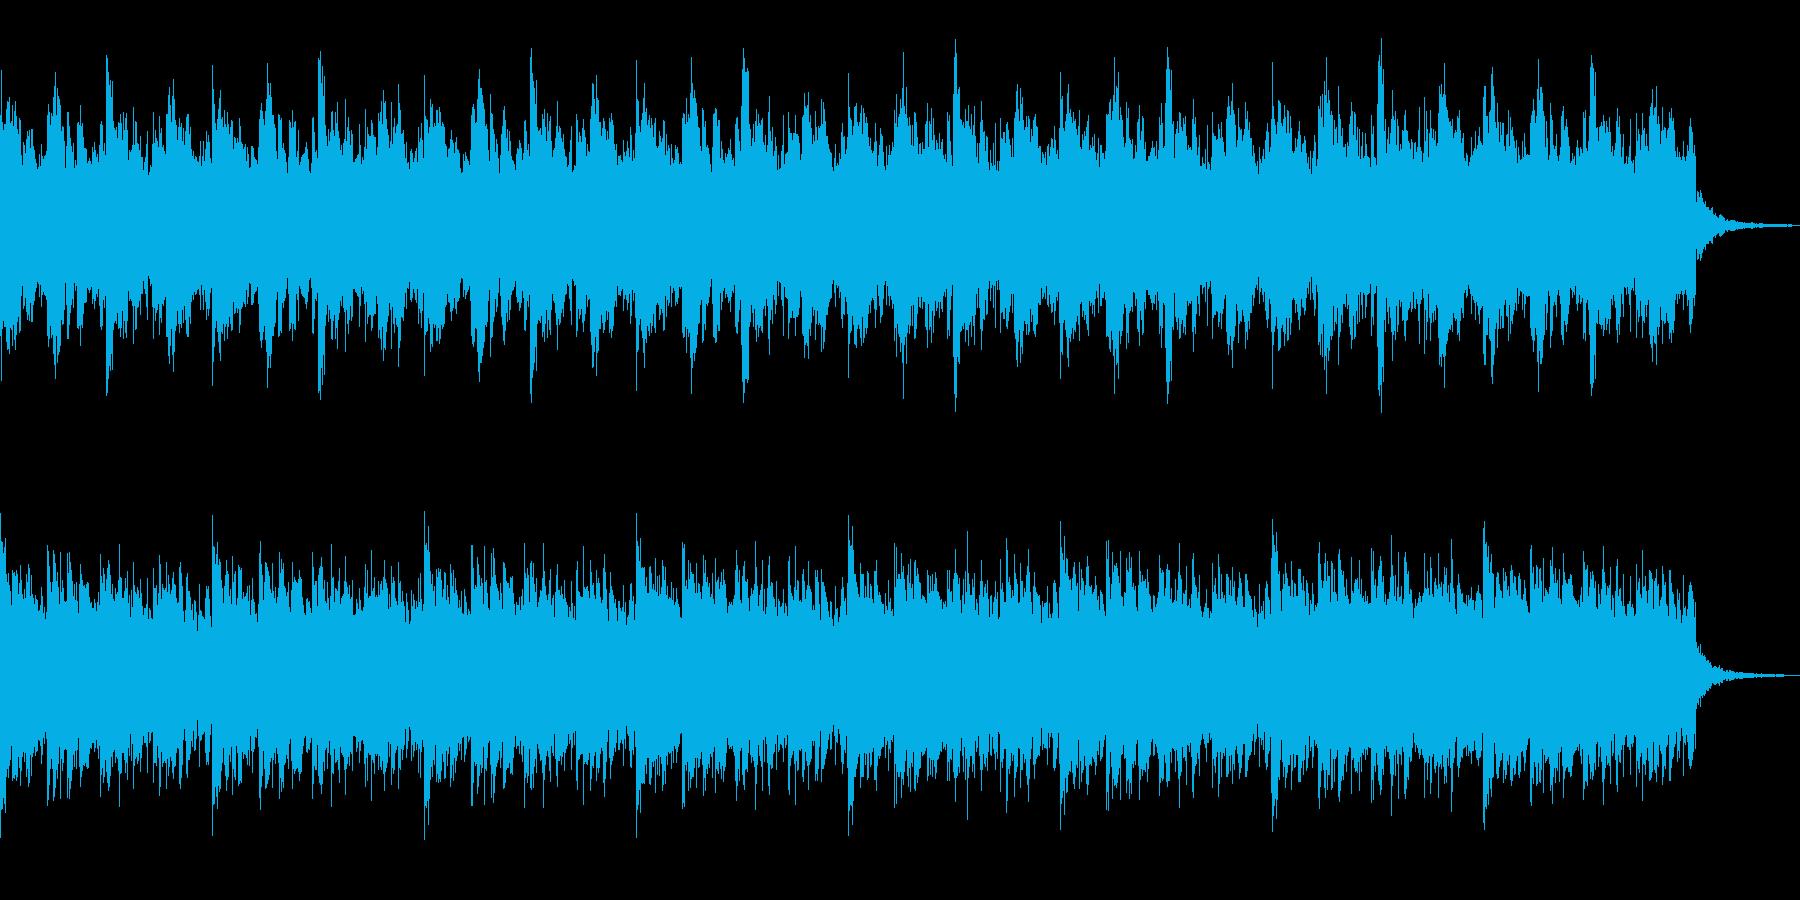 冬景色をイメージした曲の再生済みの波形